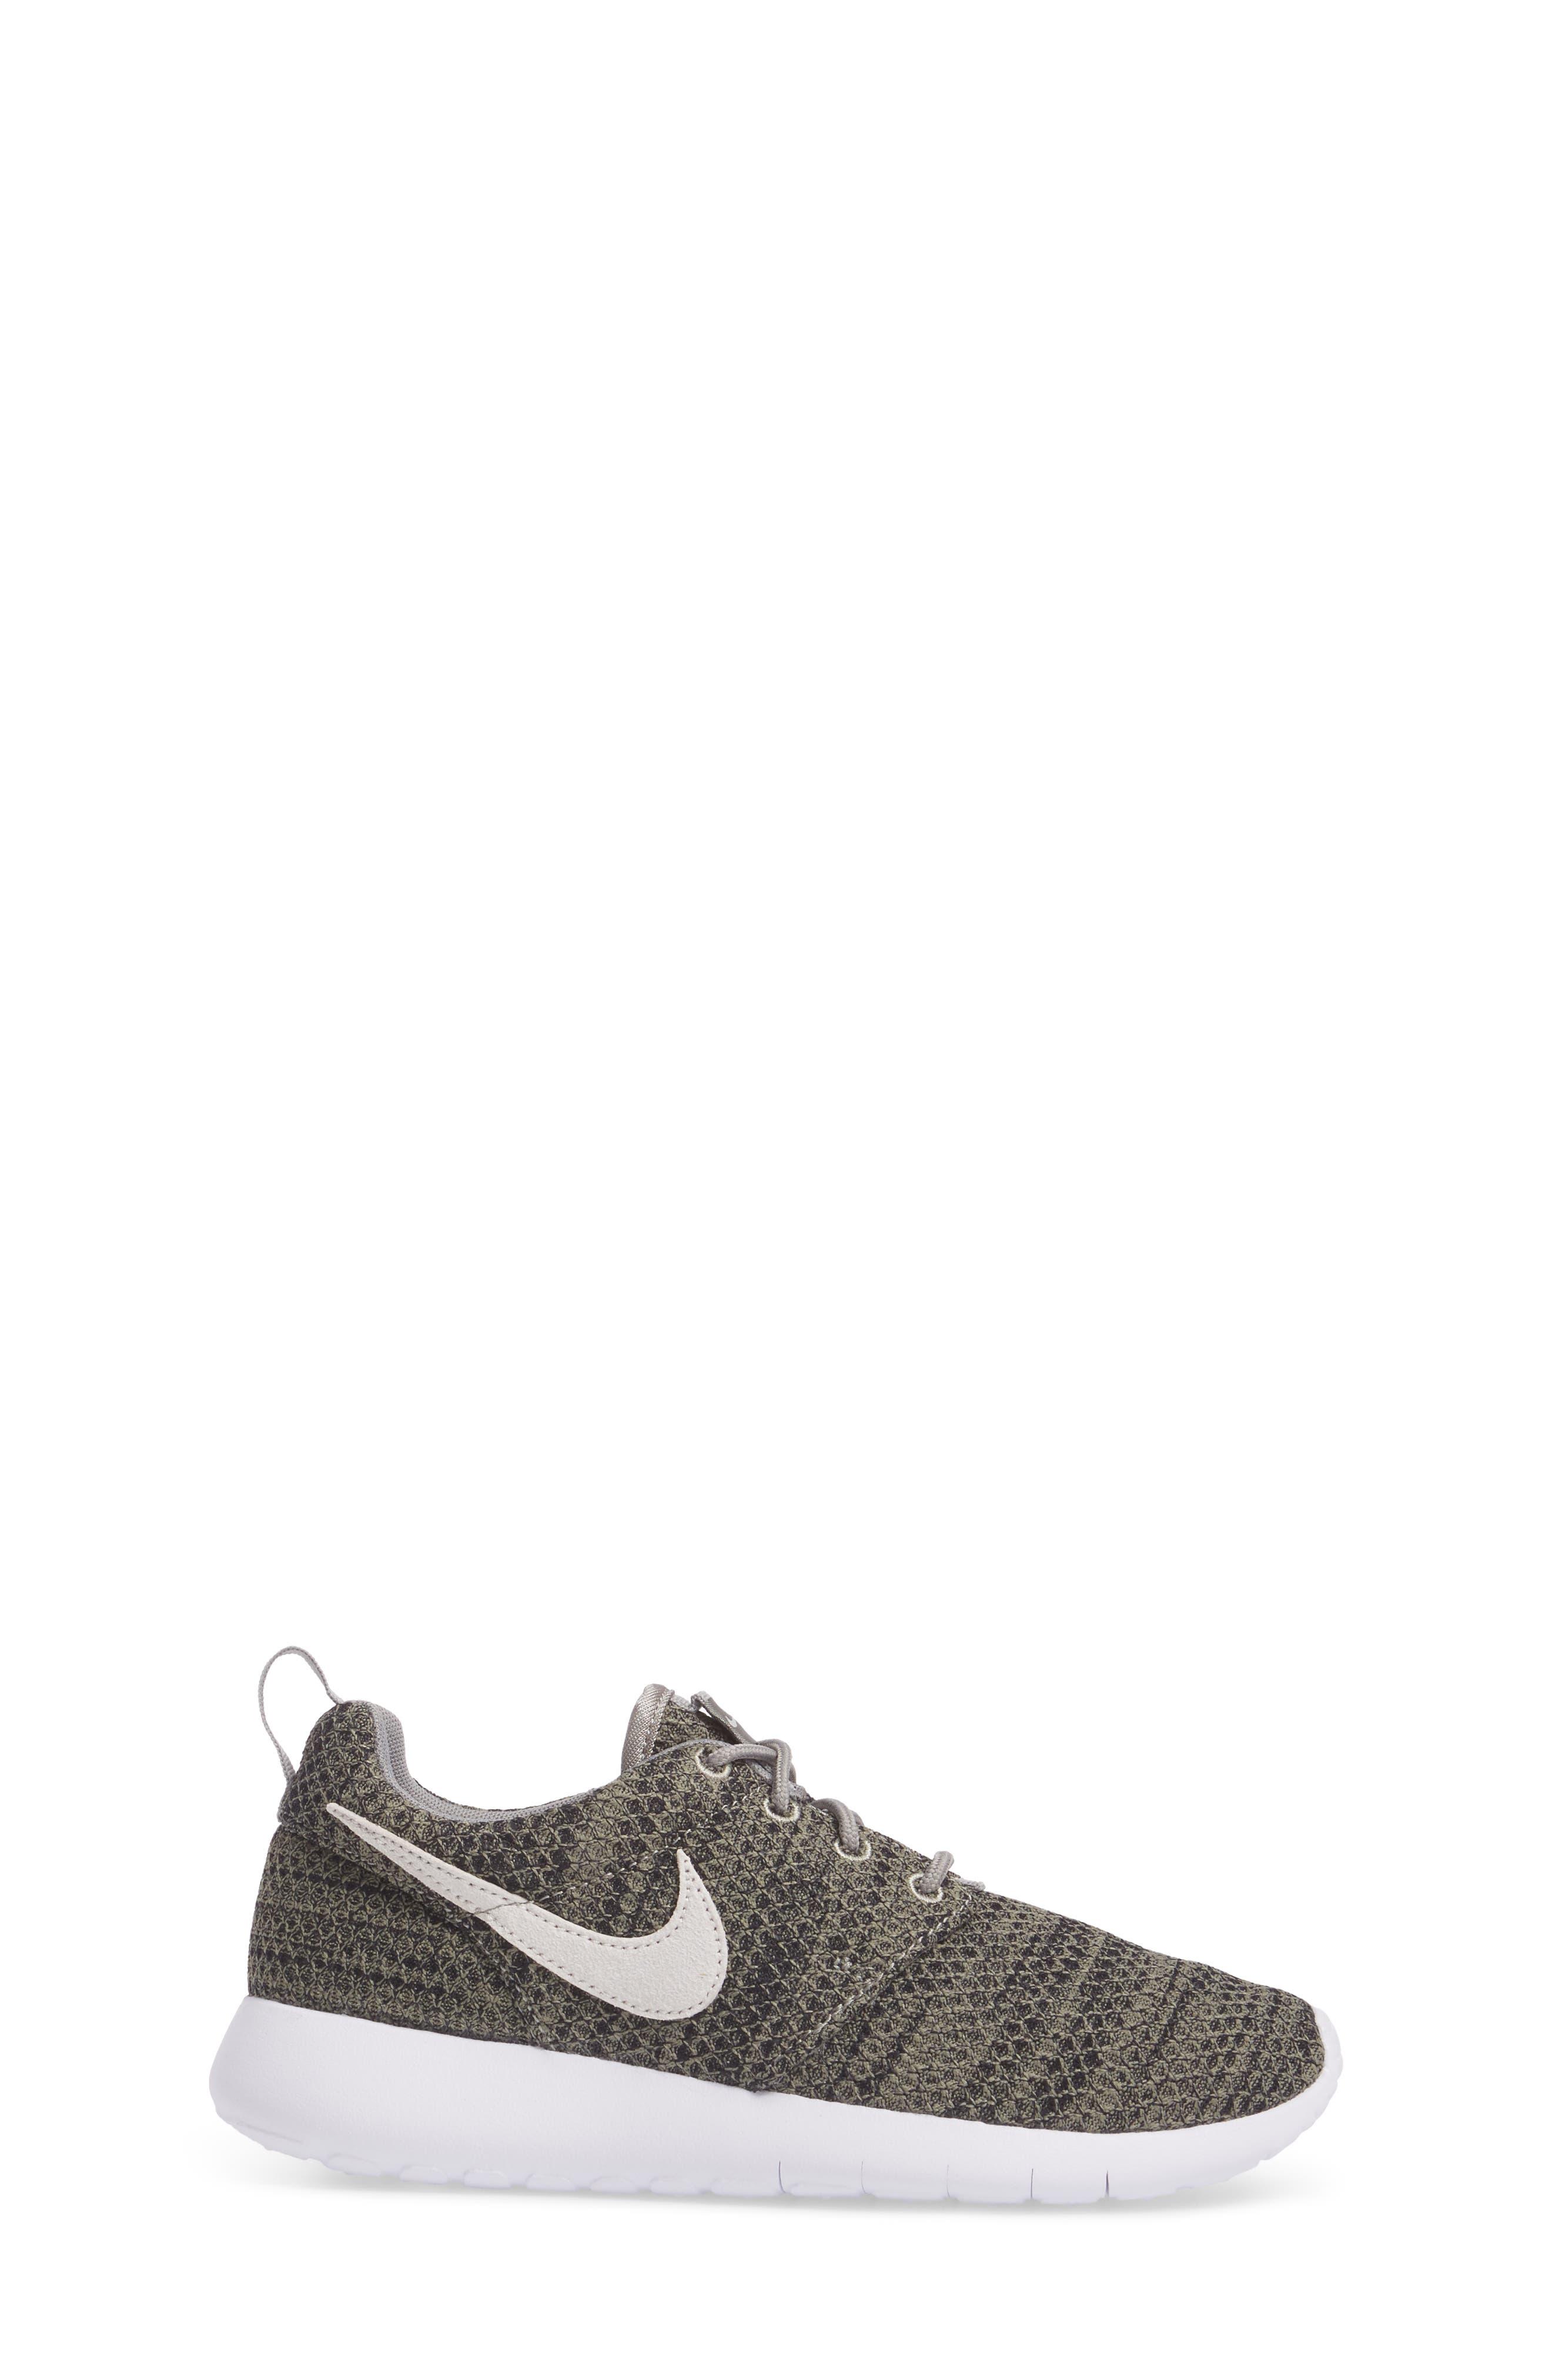 Alternate Image 3  - Nike 'Roshe Run' Sneaker (Little Kid & Big Kid)